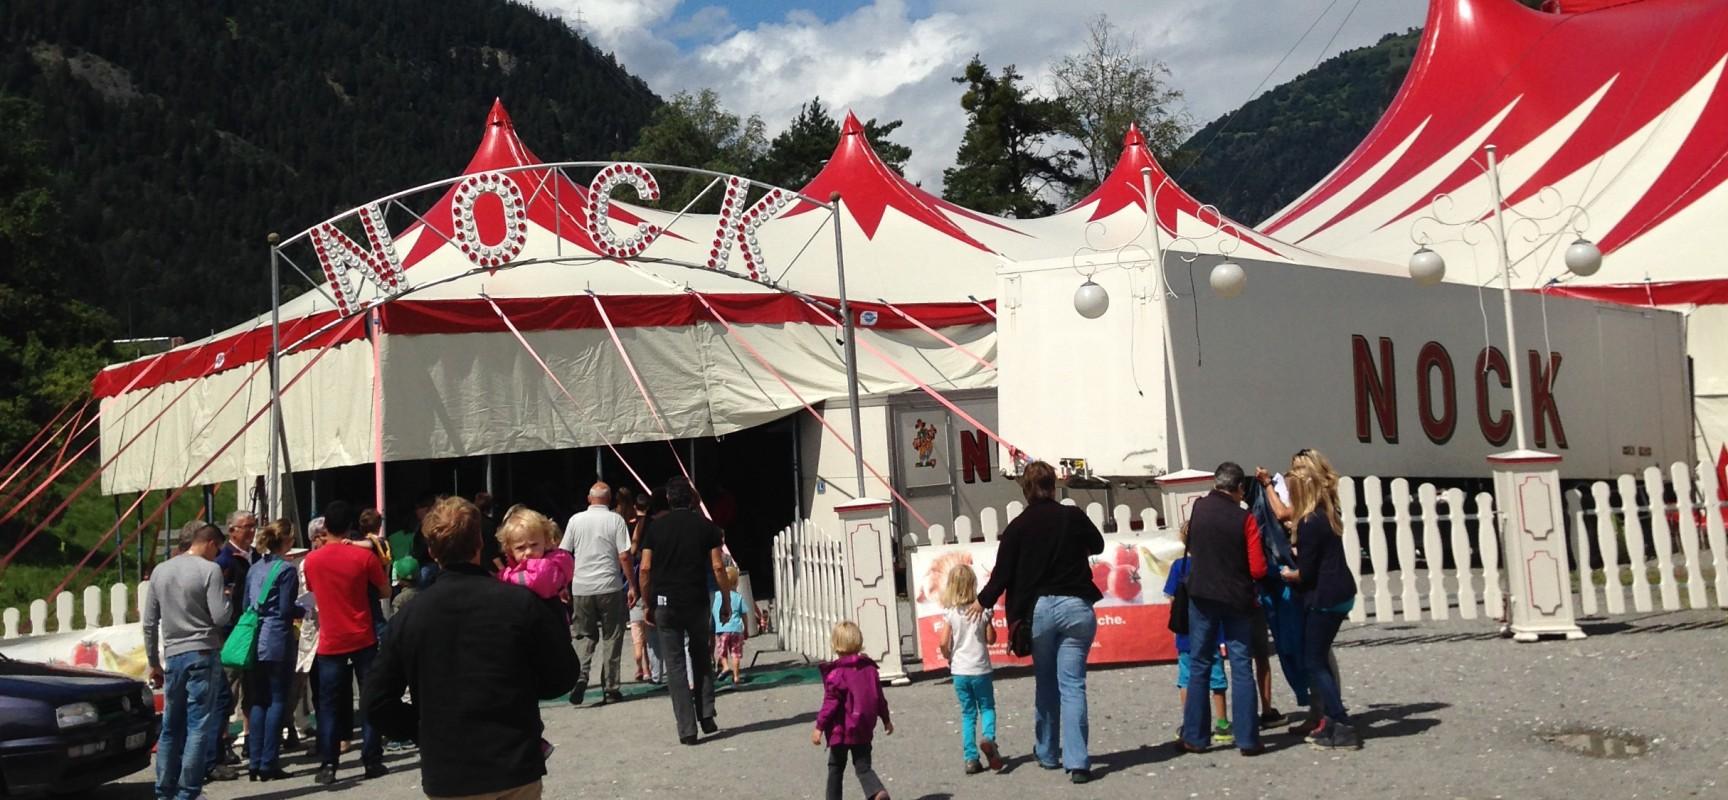 Circus Nock heute in Cazis